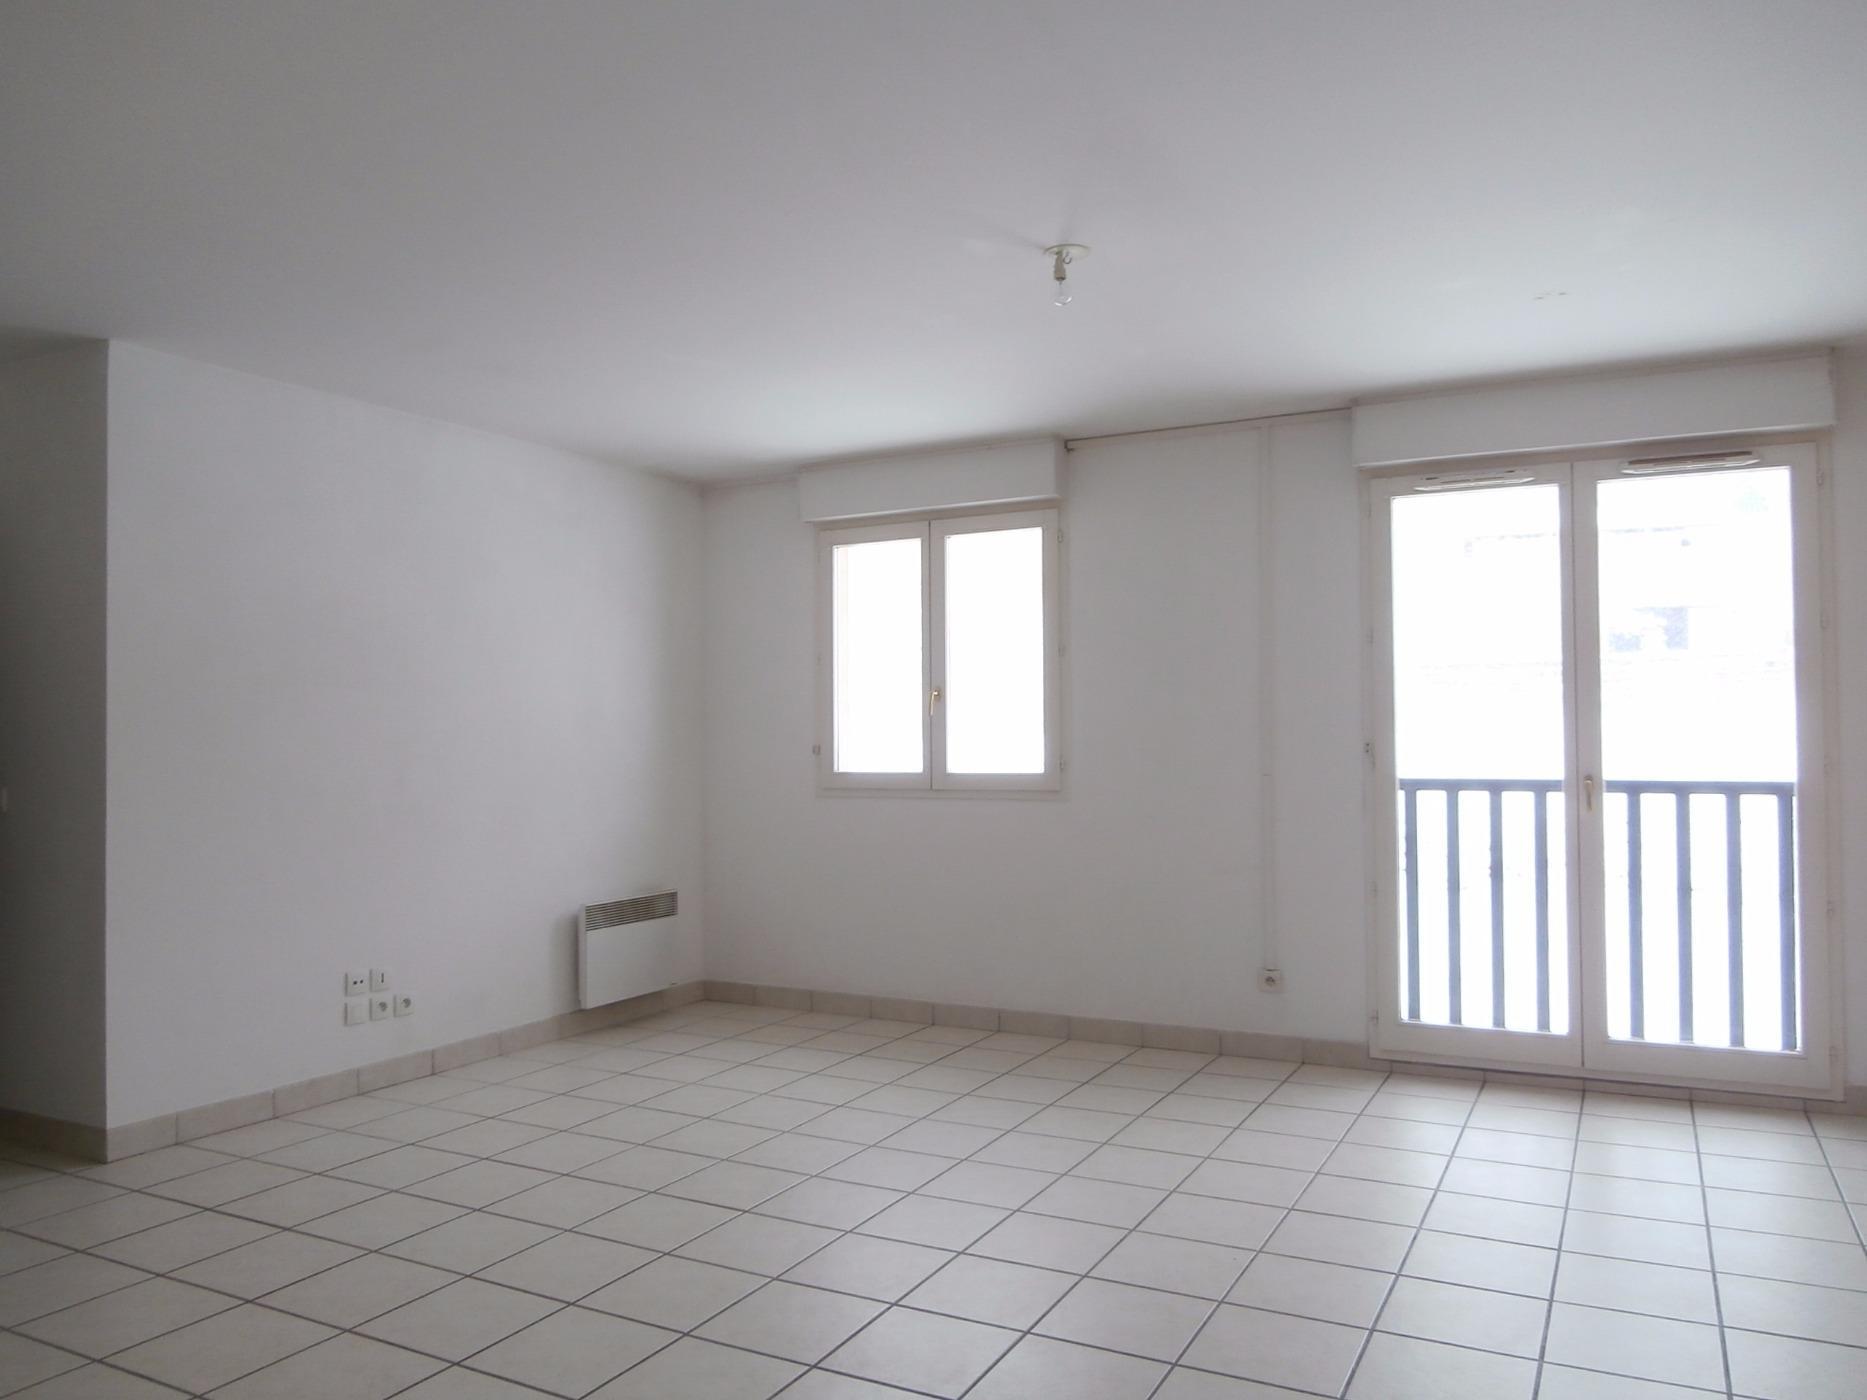 Annonce Vente Appartement La C Te Saint Andr 38260 48